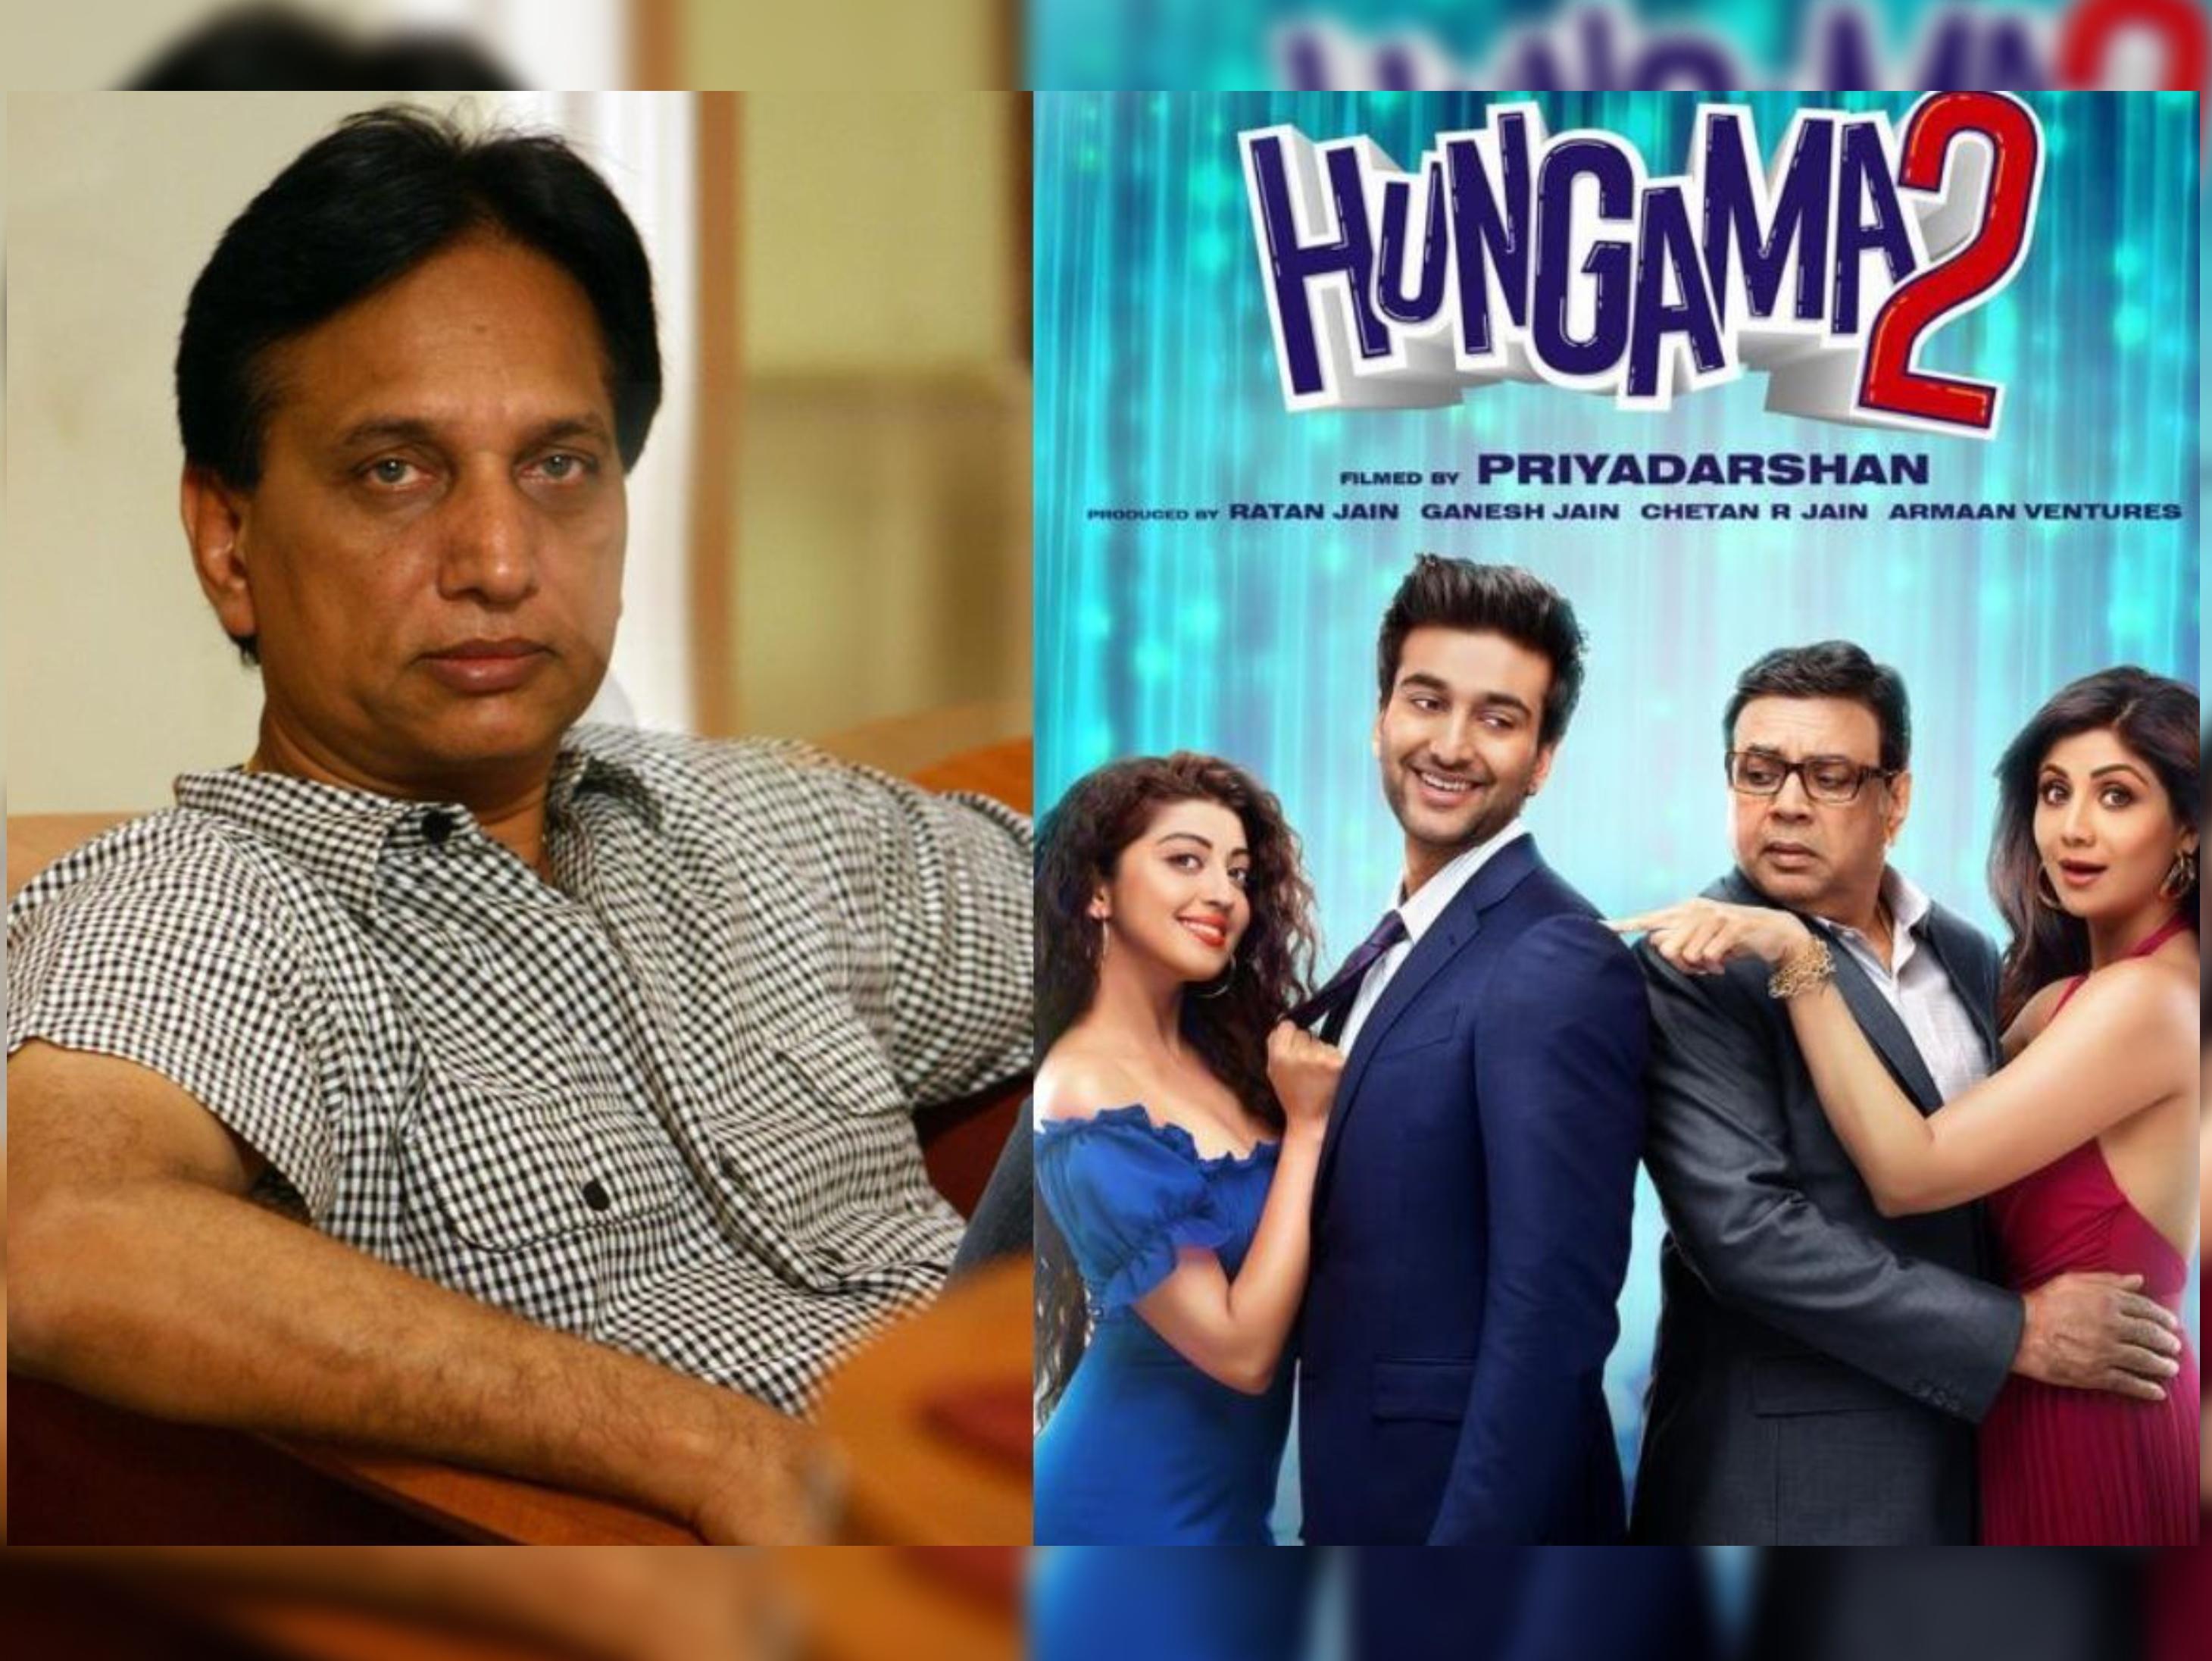 हंगामा-2 शिल्पा शेट्टी और परेश रावल के कंधों पर सवार नहीं है, बाकी राज कुंद्रा से मेरा कोई लेना-देना नहीं: रतन जैन|बॉलीवुड,Bollywood - Dainik Bhaskar